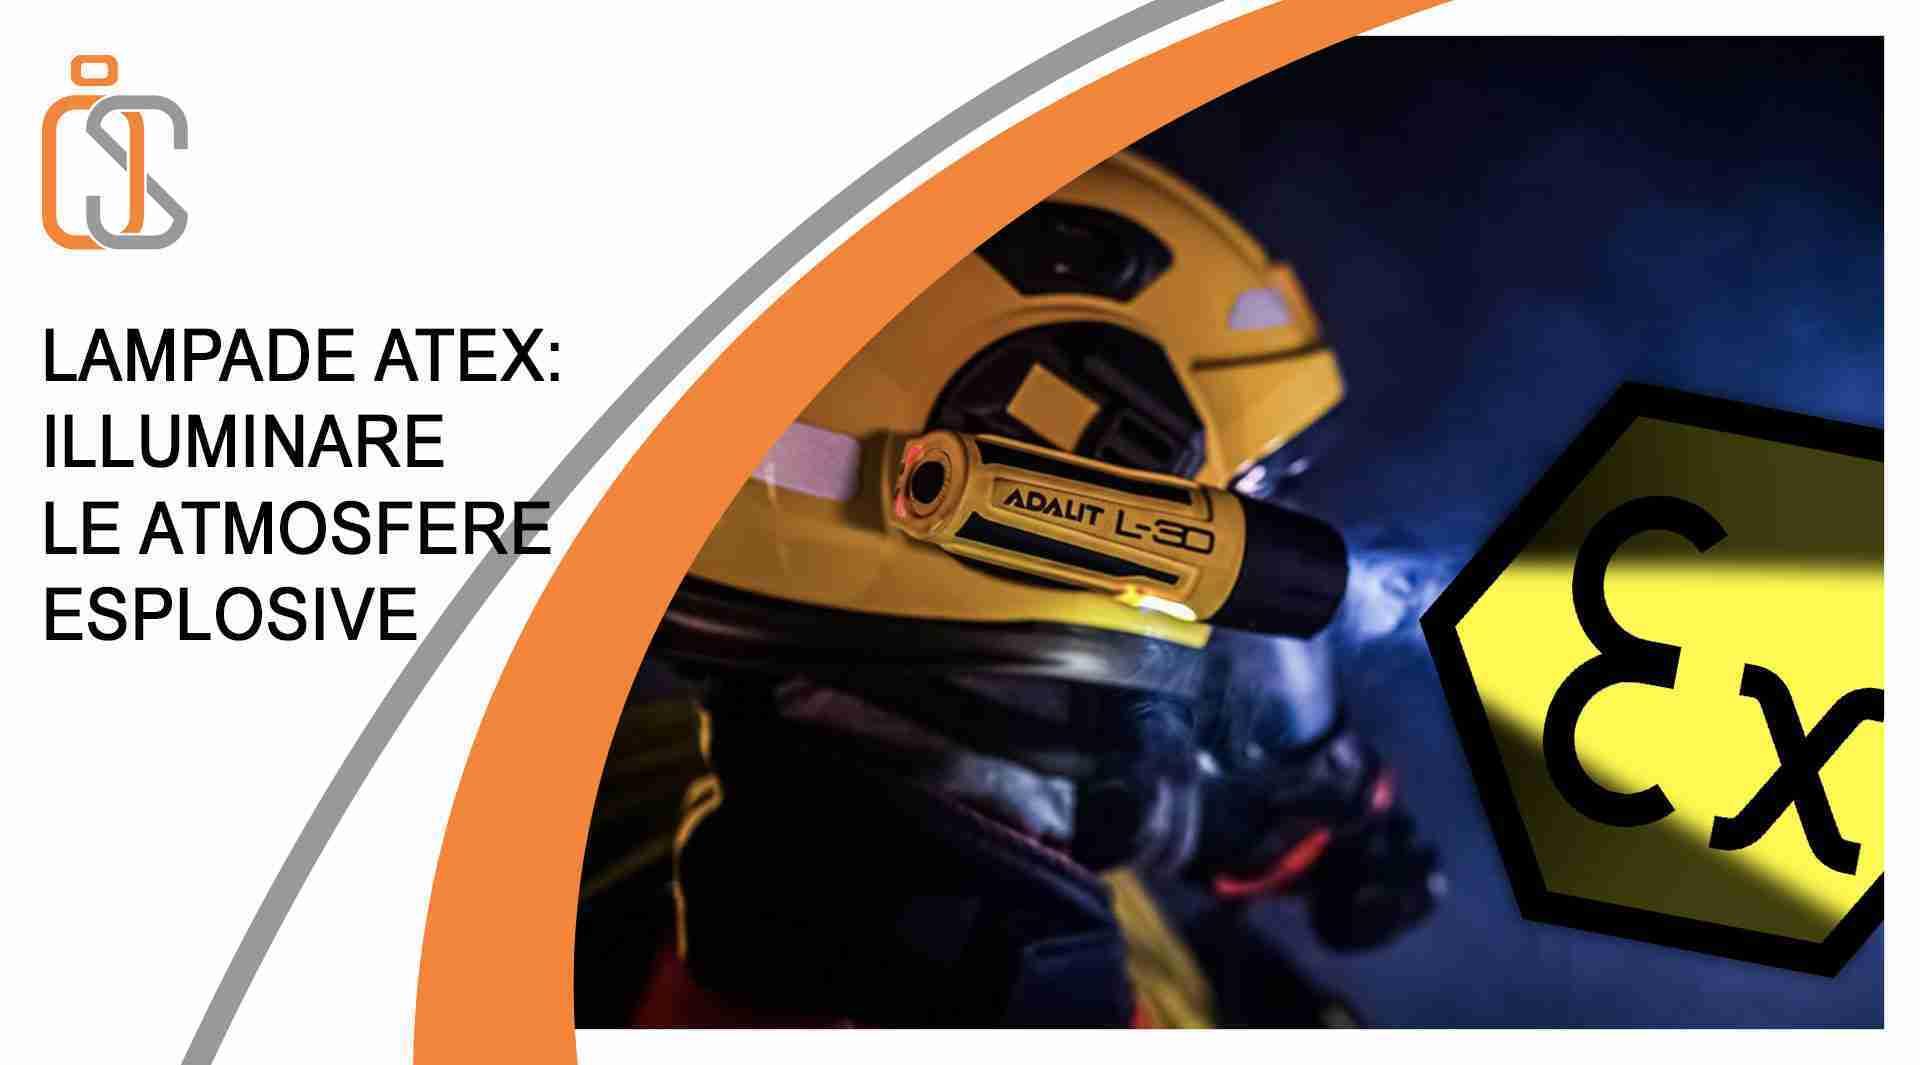 Lampade ATEX per spazi confinati - come scegliere | IN-SAFETY®